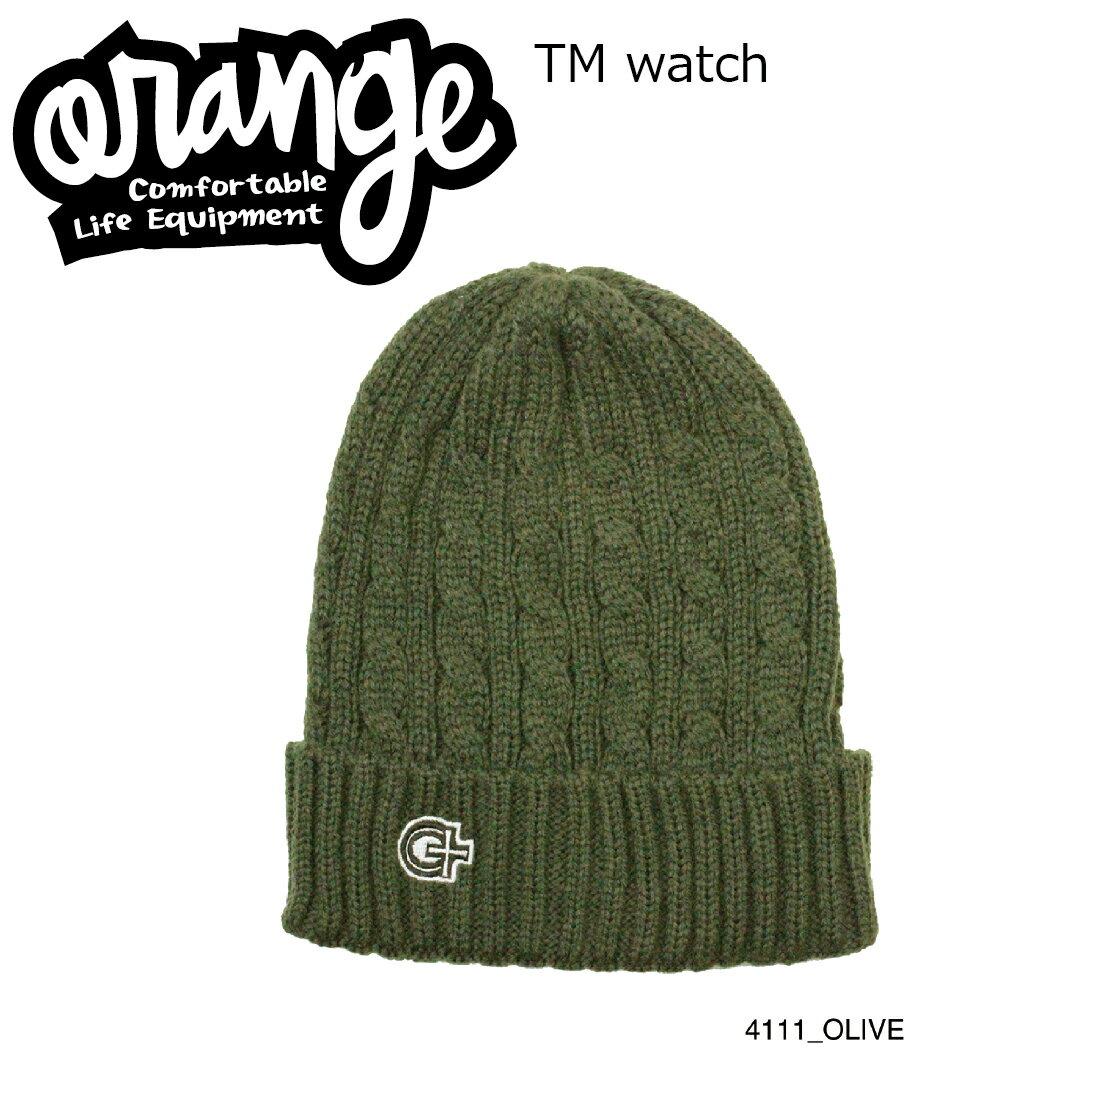 Oran'ge Tm Watch Cap Beanie 4111 OLIVE オレンジ ティーエム ワッチ キャップ ビーニー ニットキャップ 2つ折り